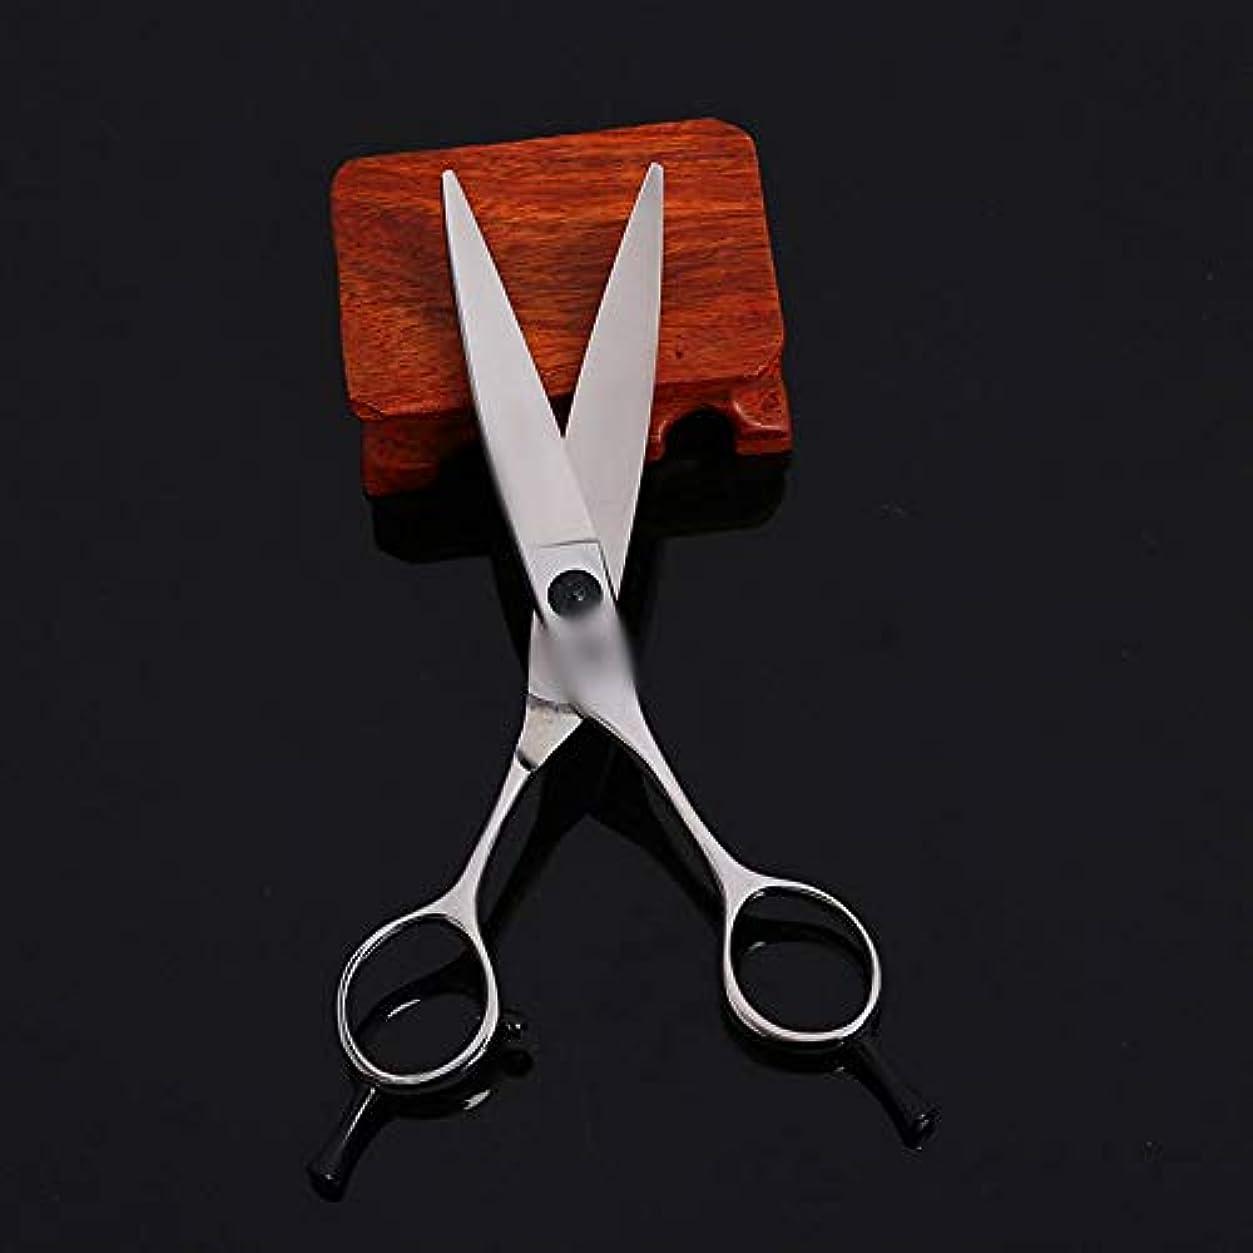 スペインわずかな減るWASAIO はさみ間伐シアーズキットプロフェッショナル理容サロンレイザーエッジツール美容院理髪カーリング6インチカービング髪 (色 : Silver)